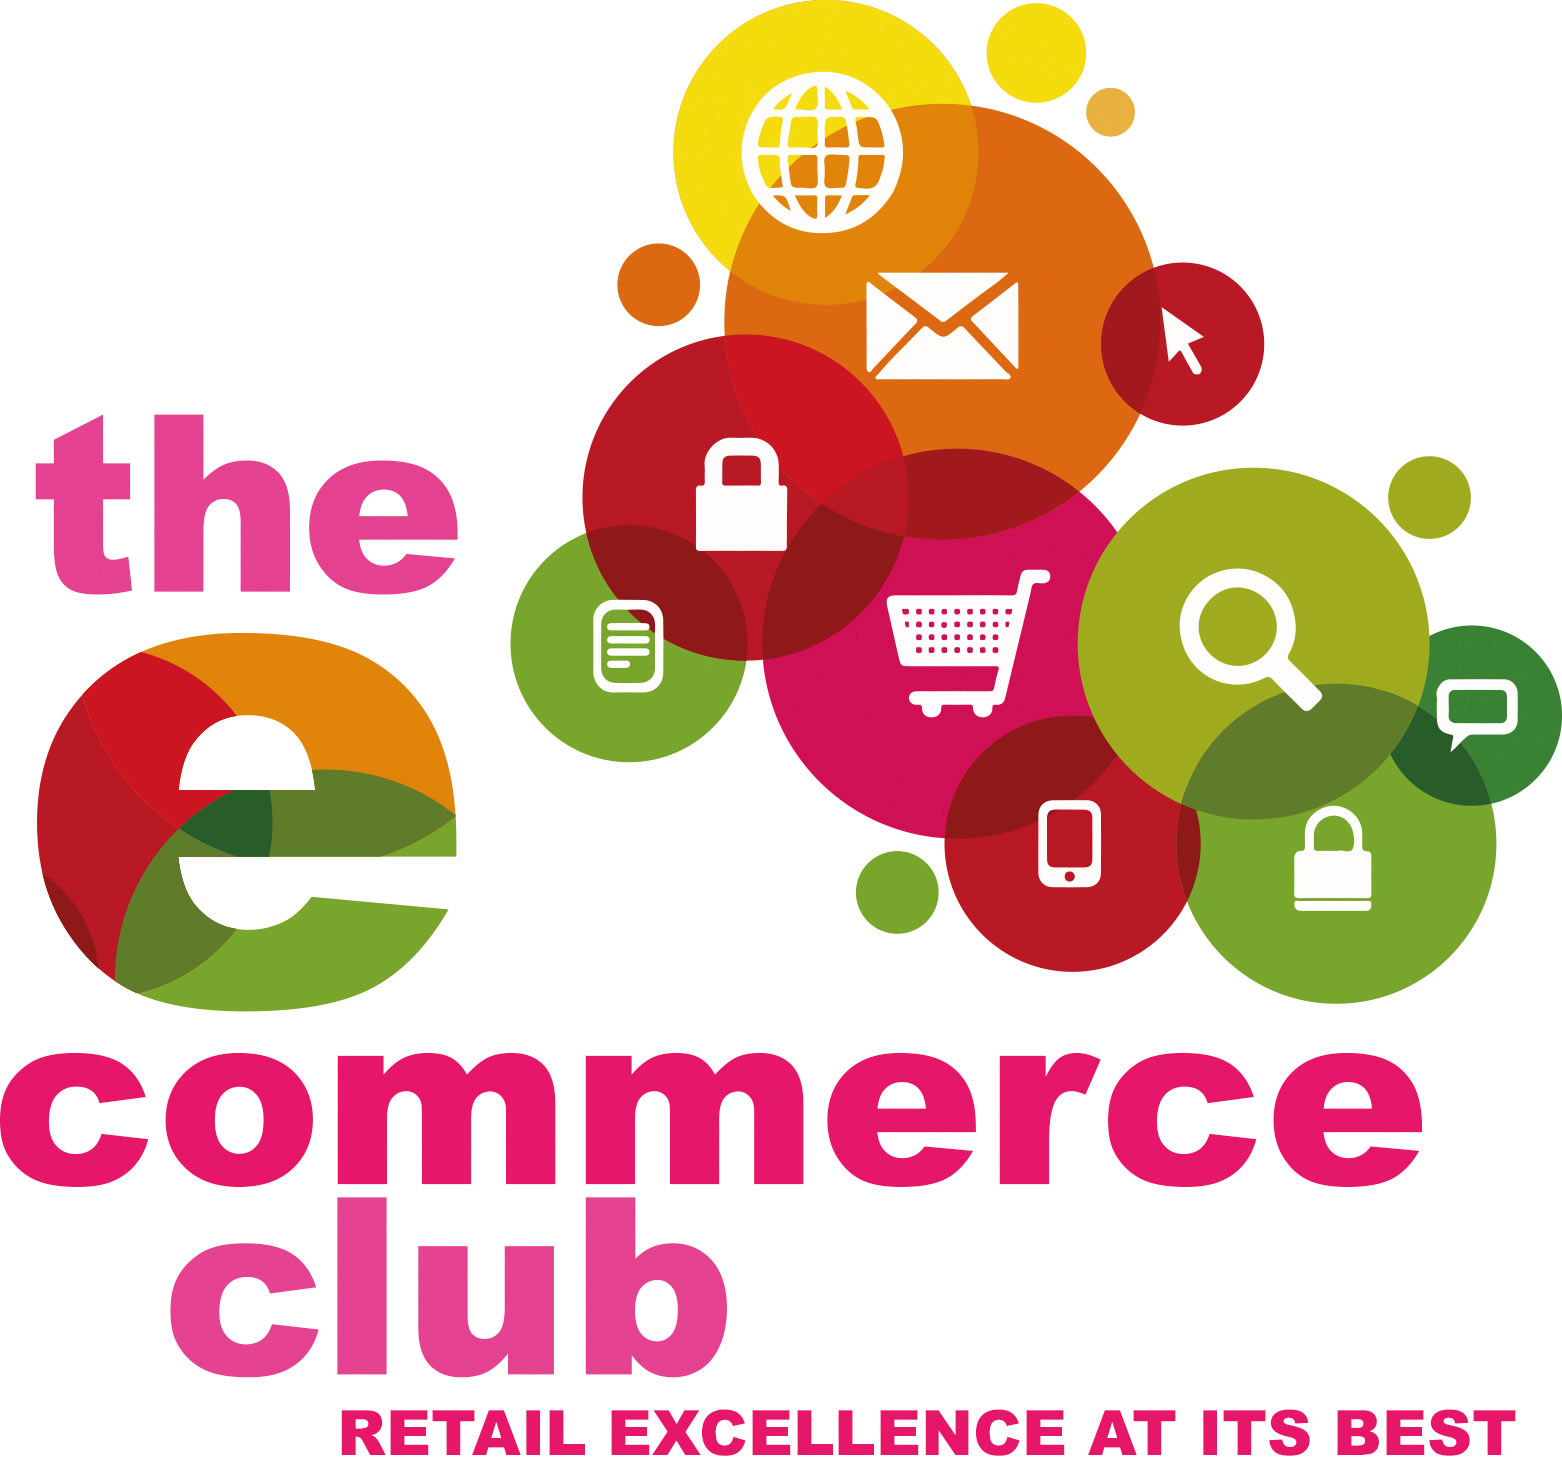 Ecommerce Club